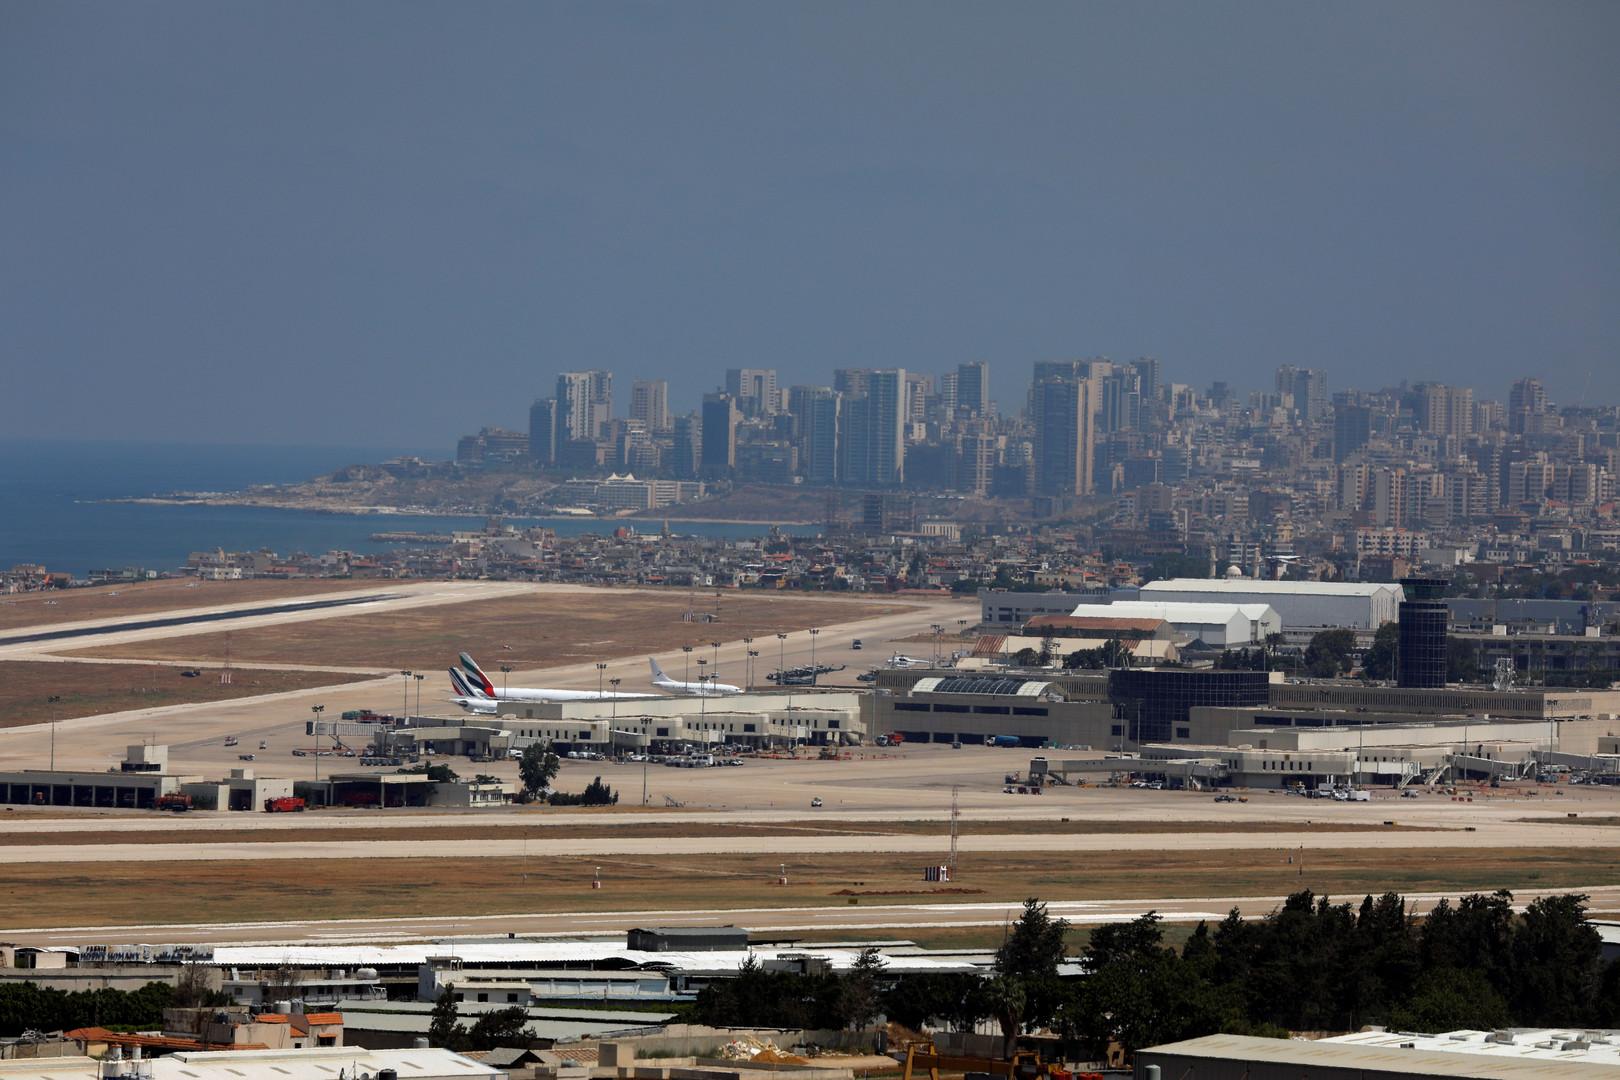 طائرة كويتية تصطدم بكتلة ثلجية وتهبط بسلام في بيروت (صور)